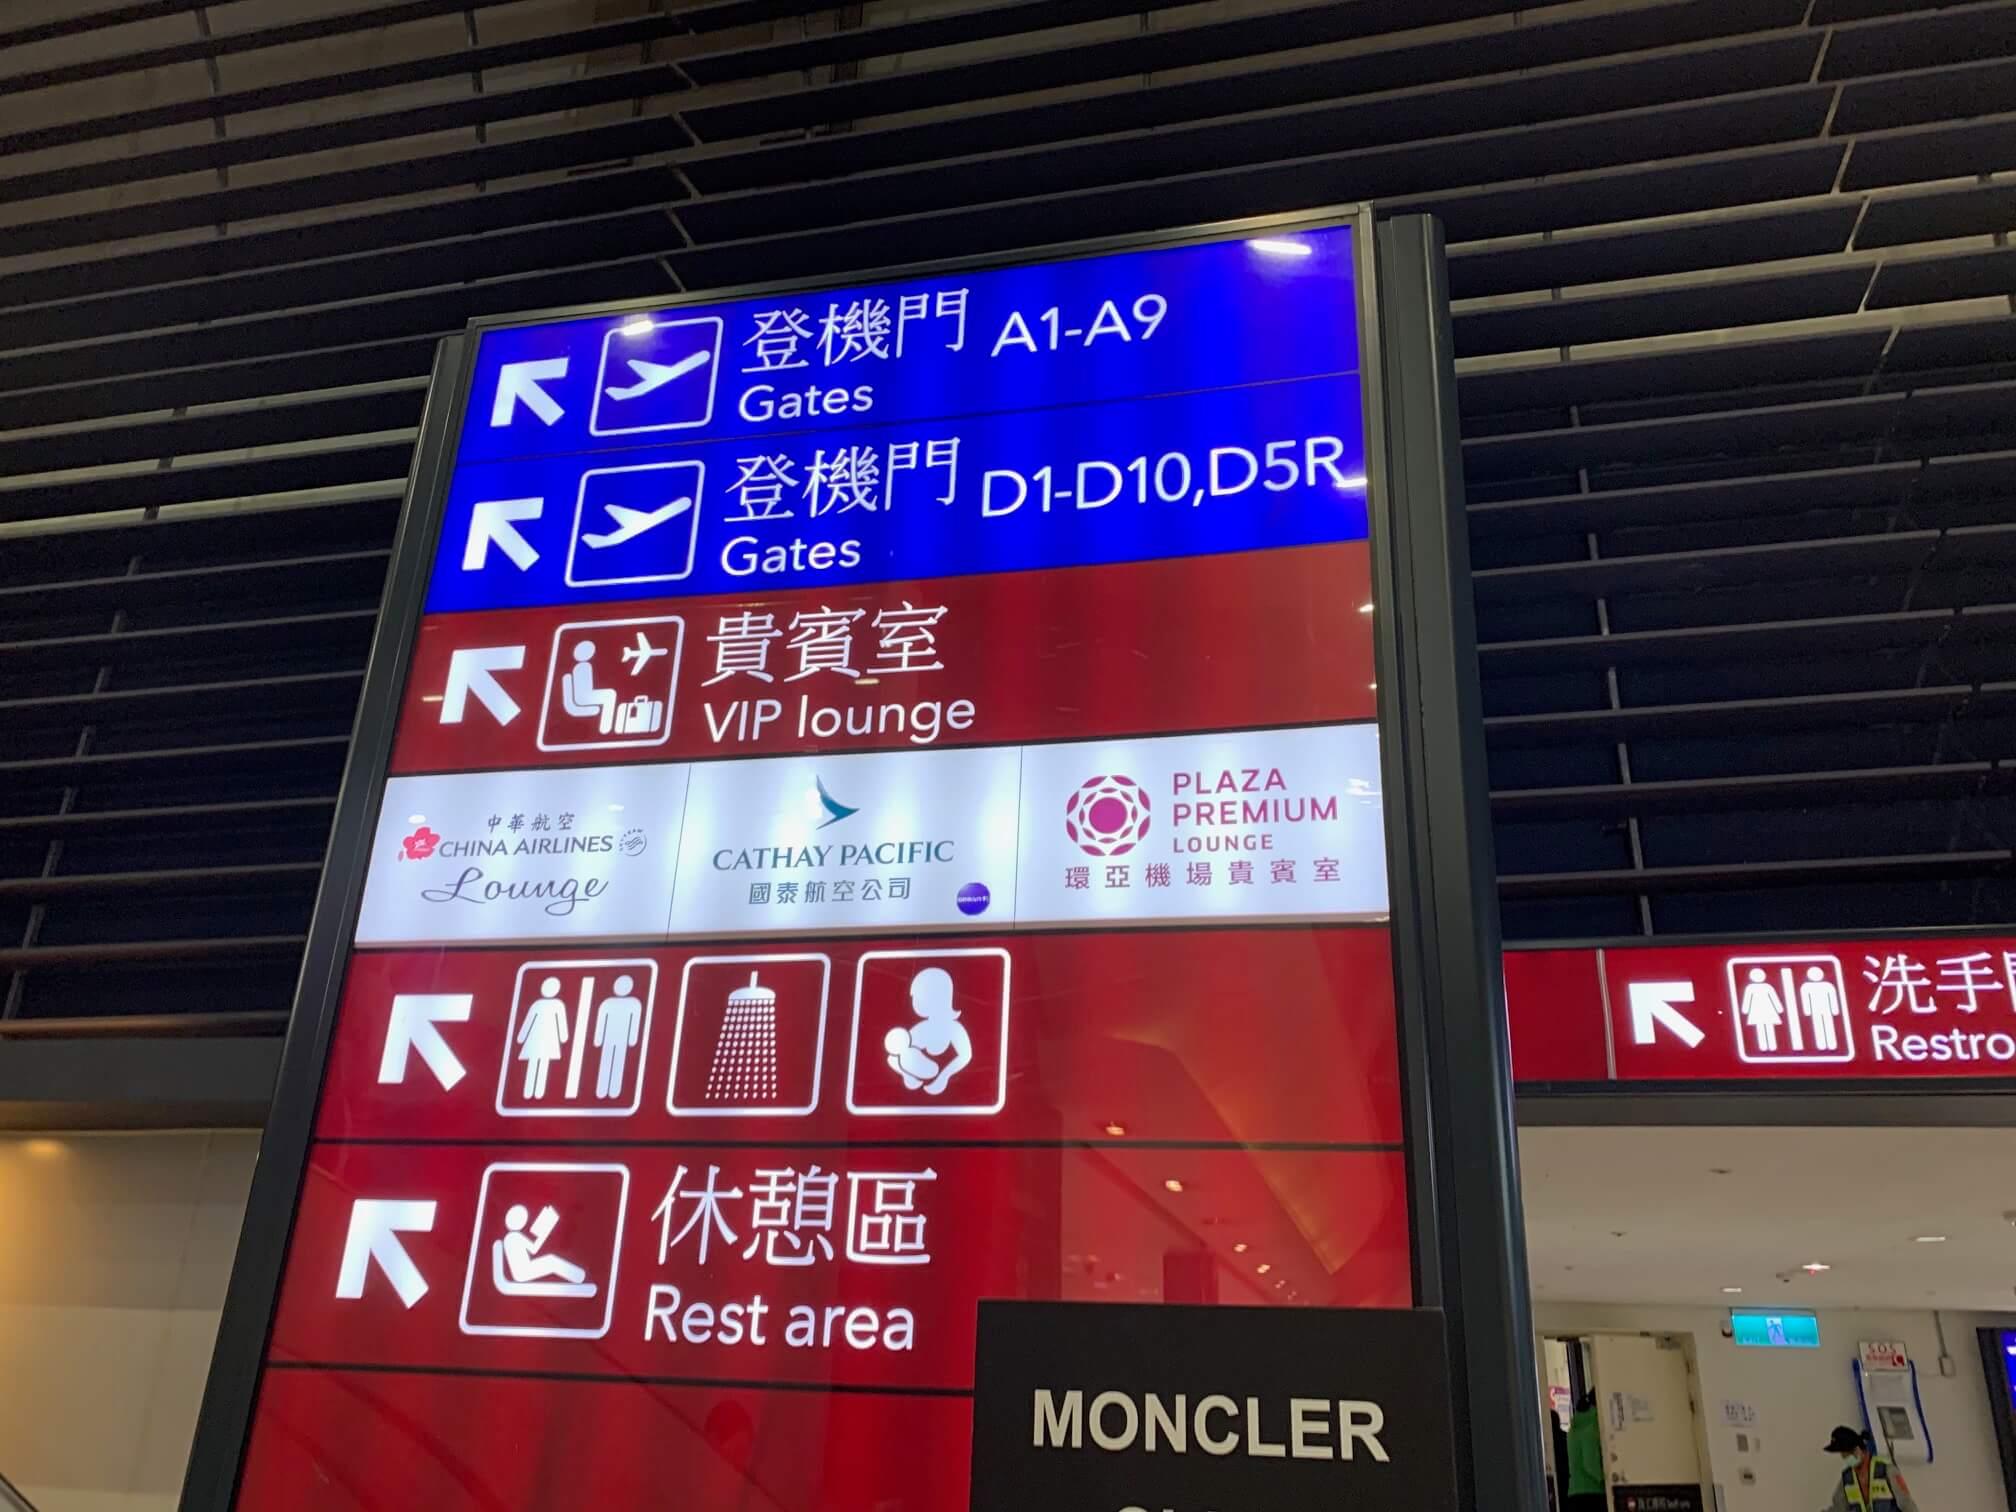 桃園国際空港第1ターミナル